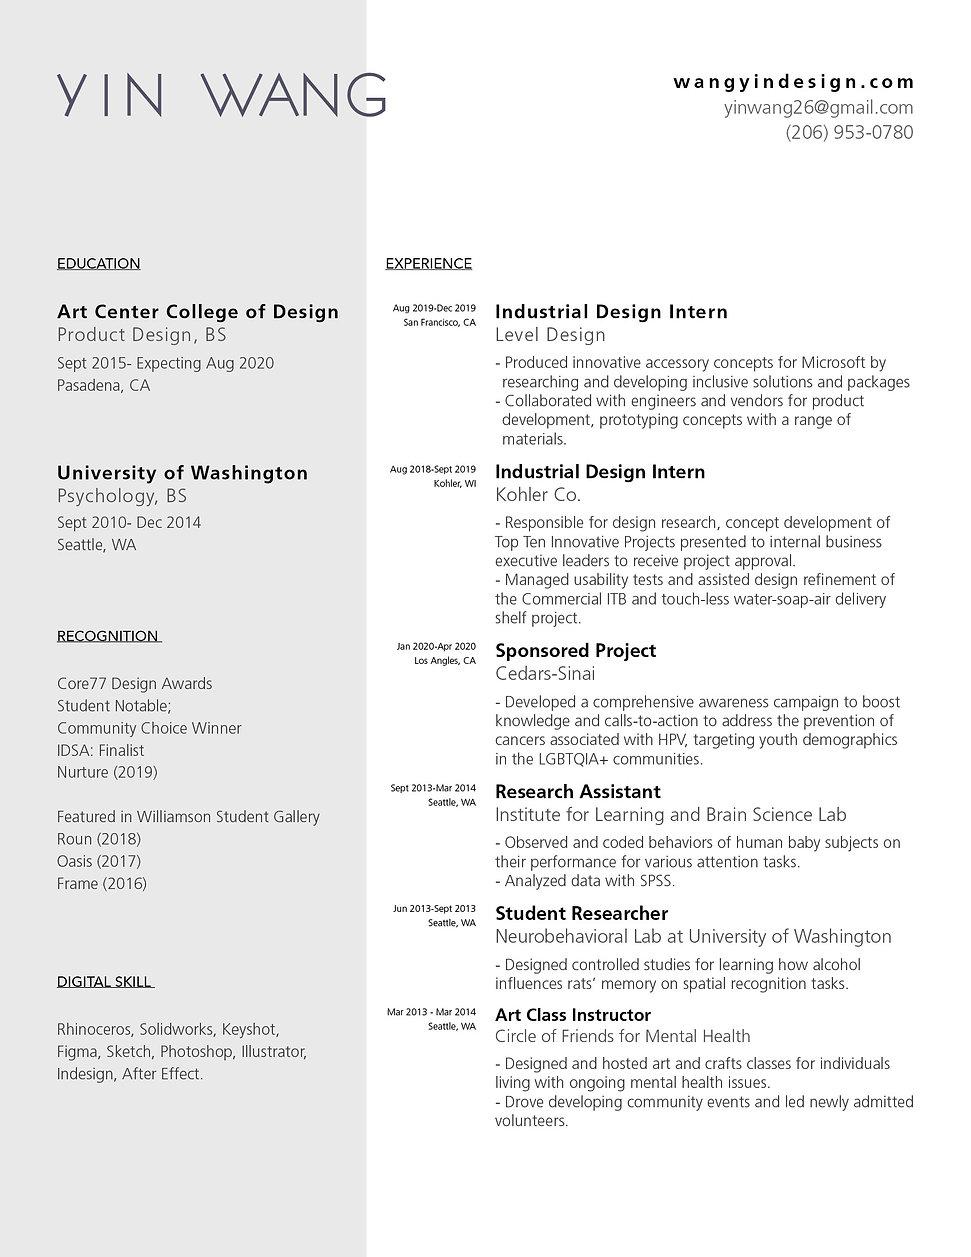 Yin-Wang-Resume.jpg